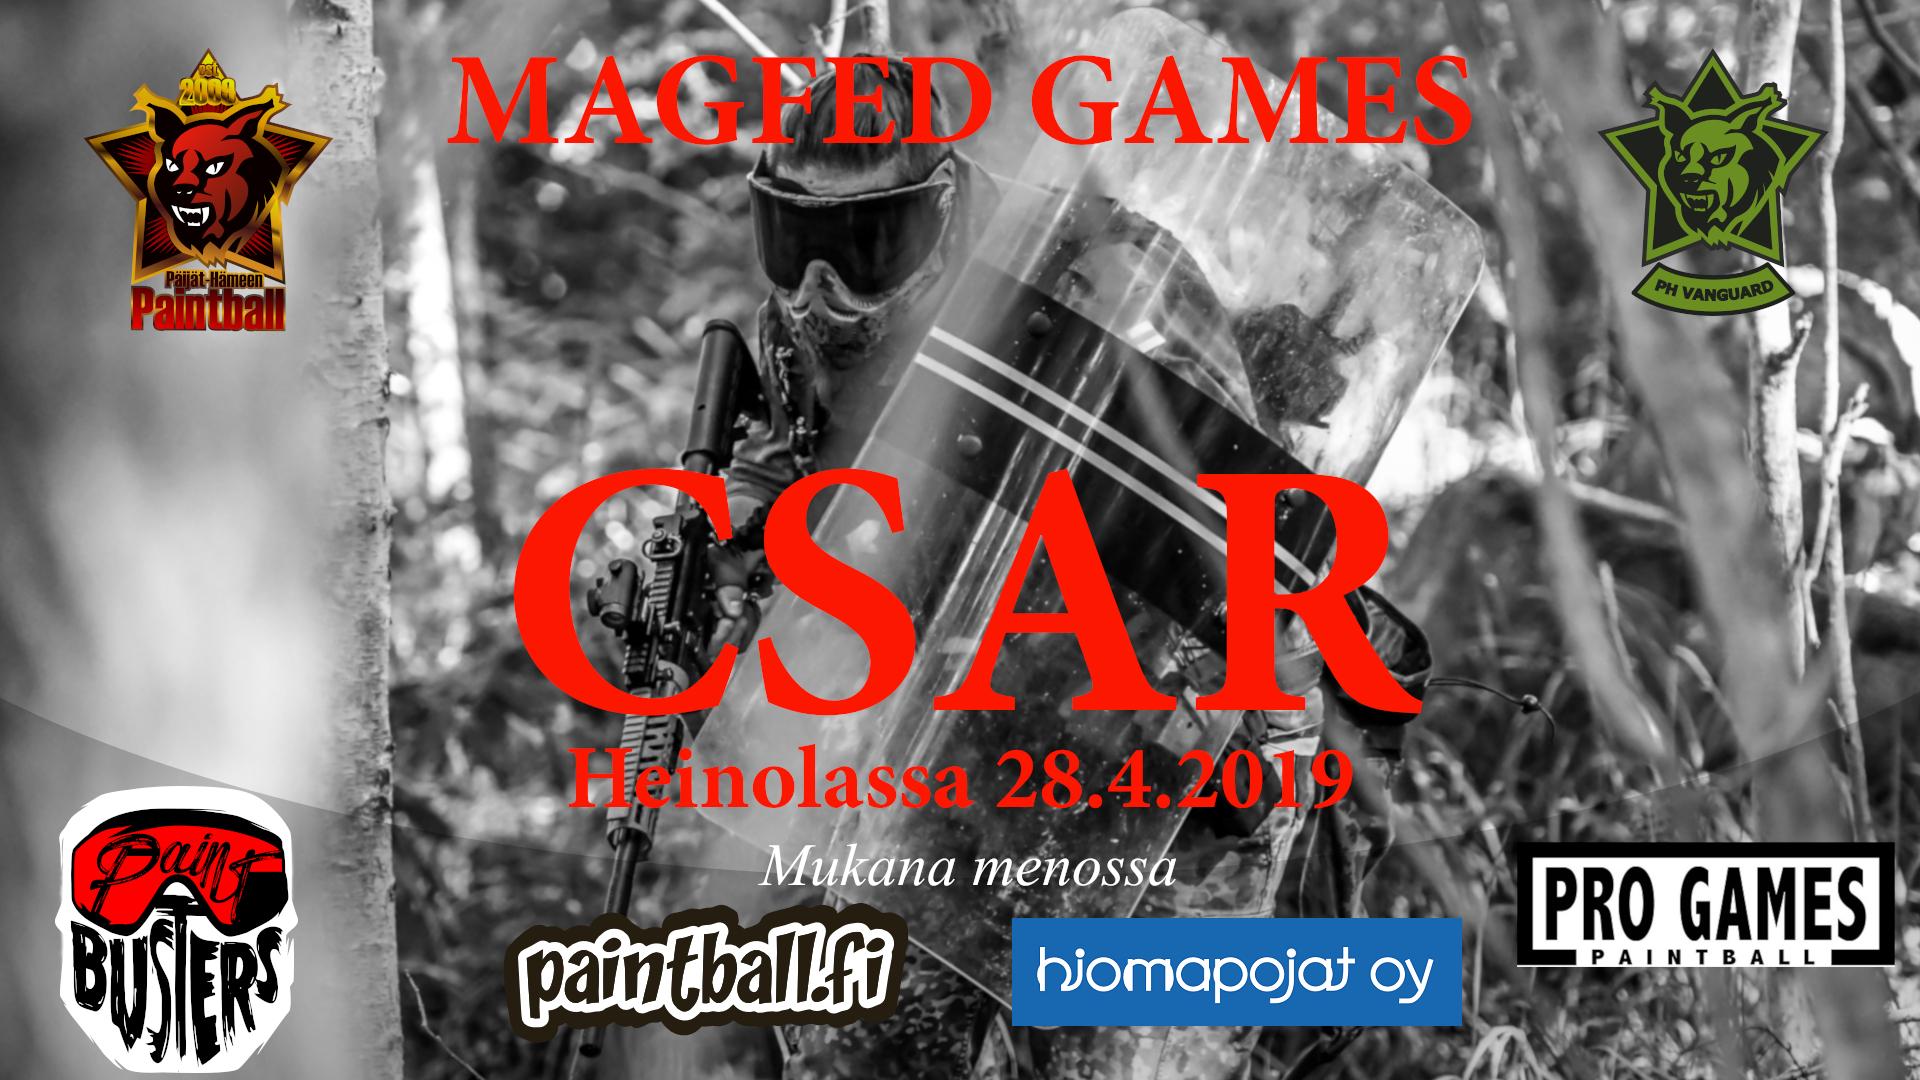 magfed_games_CSAR.jpg